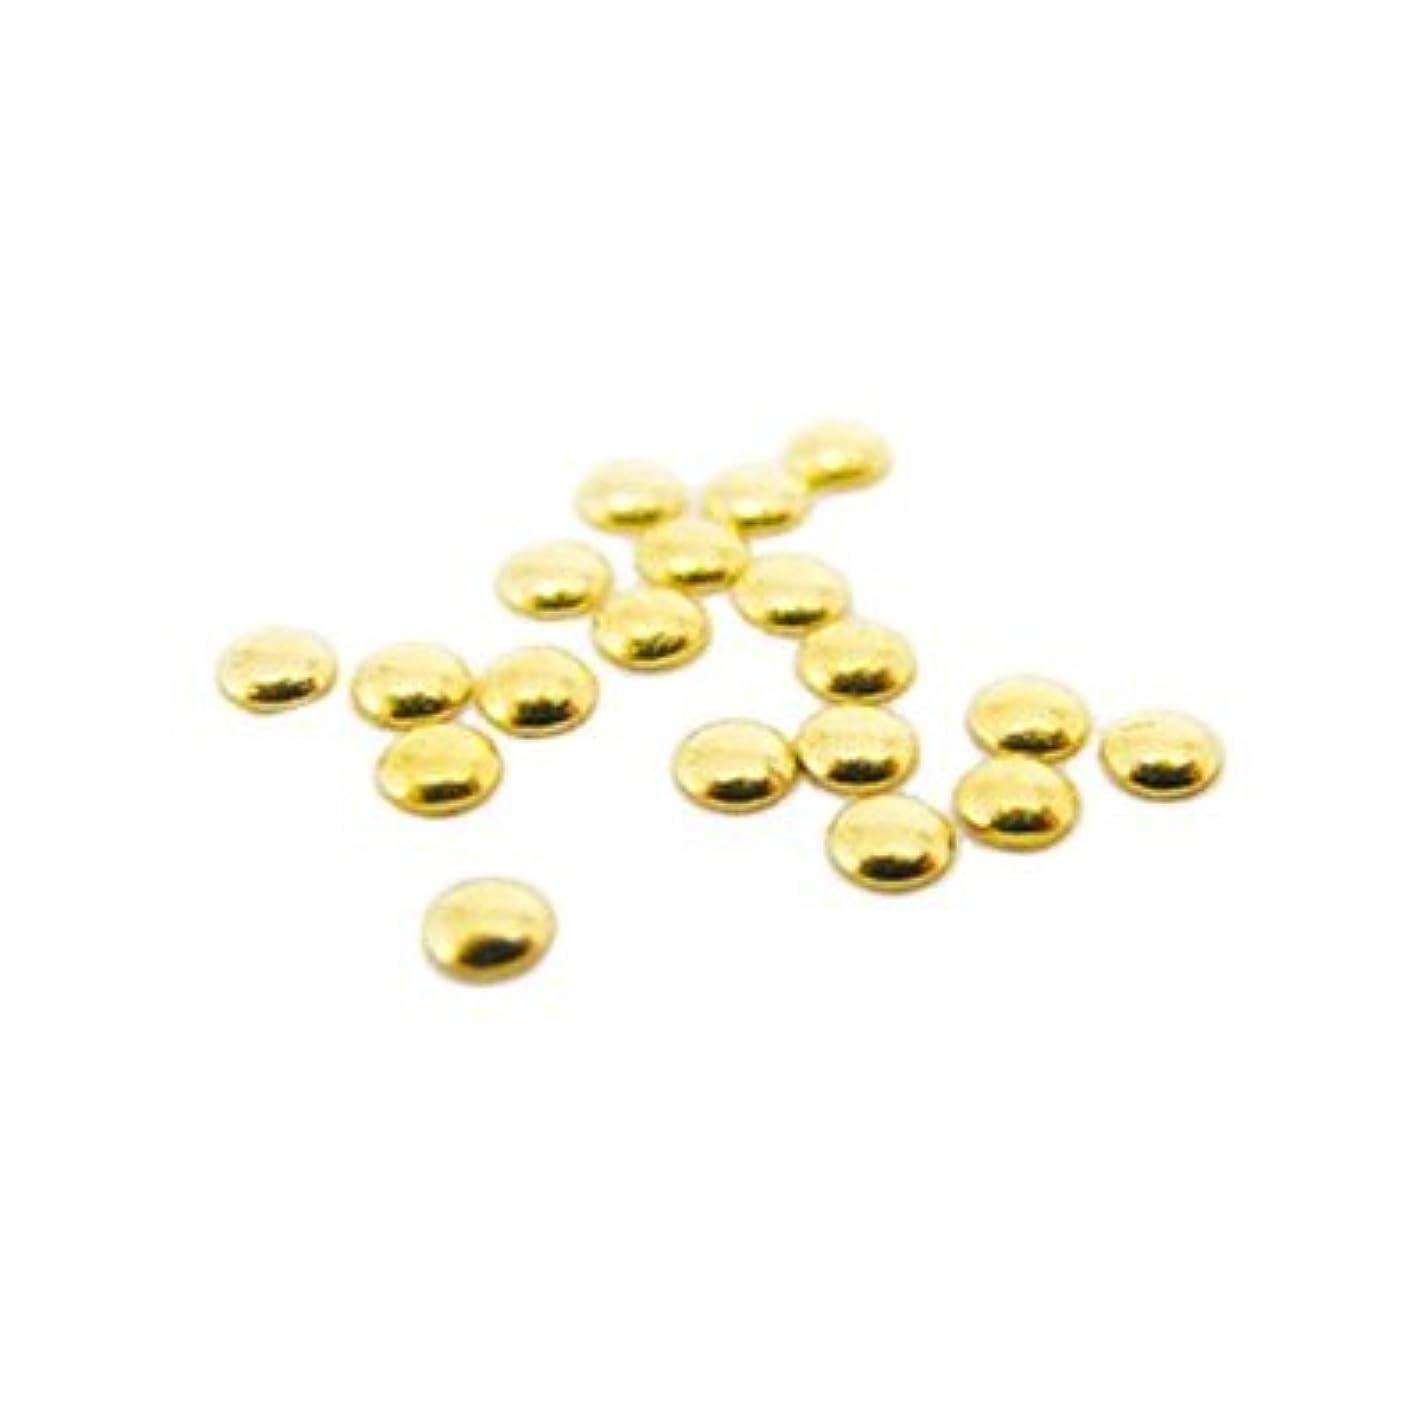 コーンウォールひねりフライトピアドラ スタッズ 1.5mm 100P ゴールド